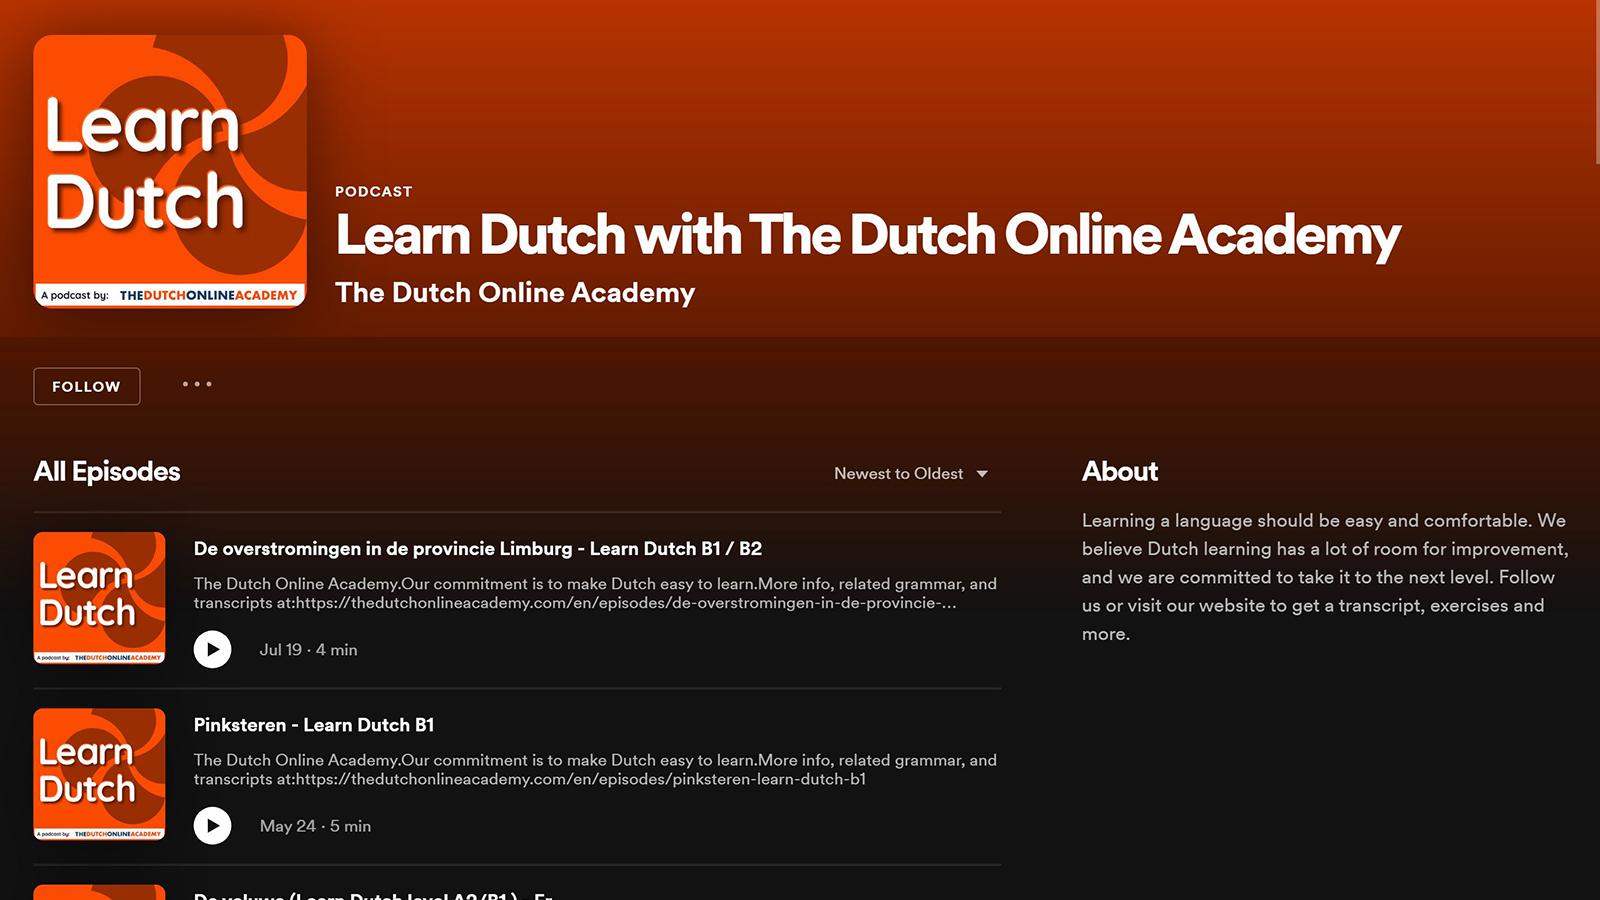 Sie können Ihr Niederländisch vom Anfänger zum Profi verbessern, während Sie den Podcast hören.